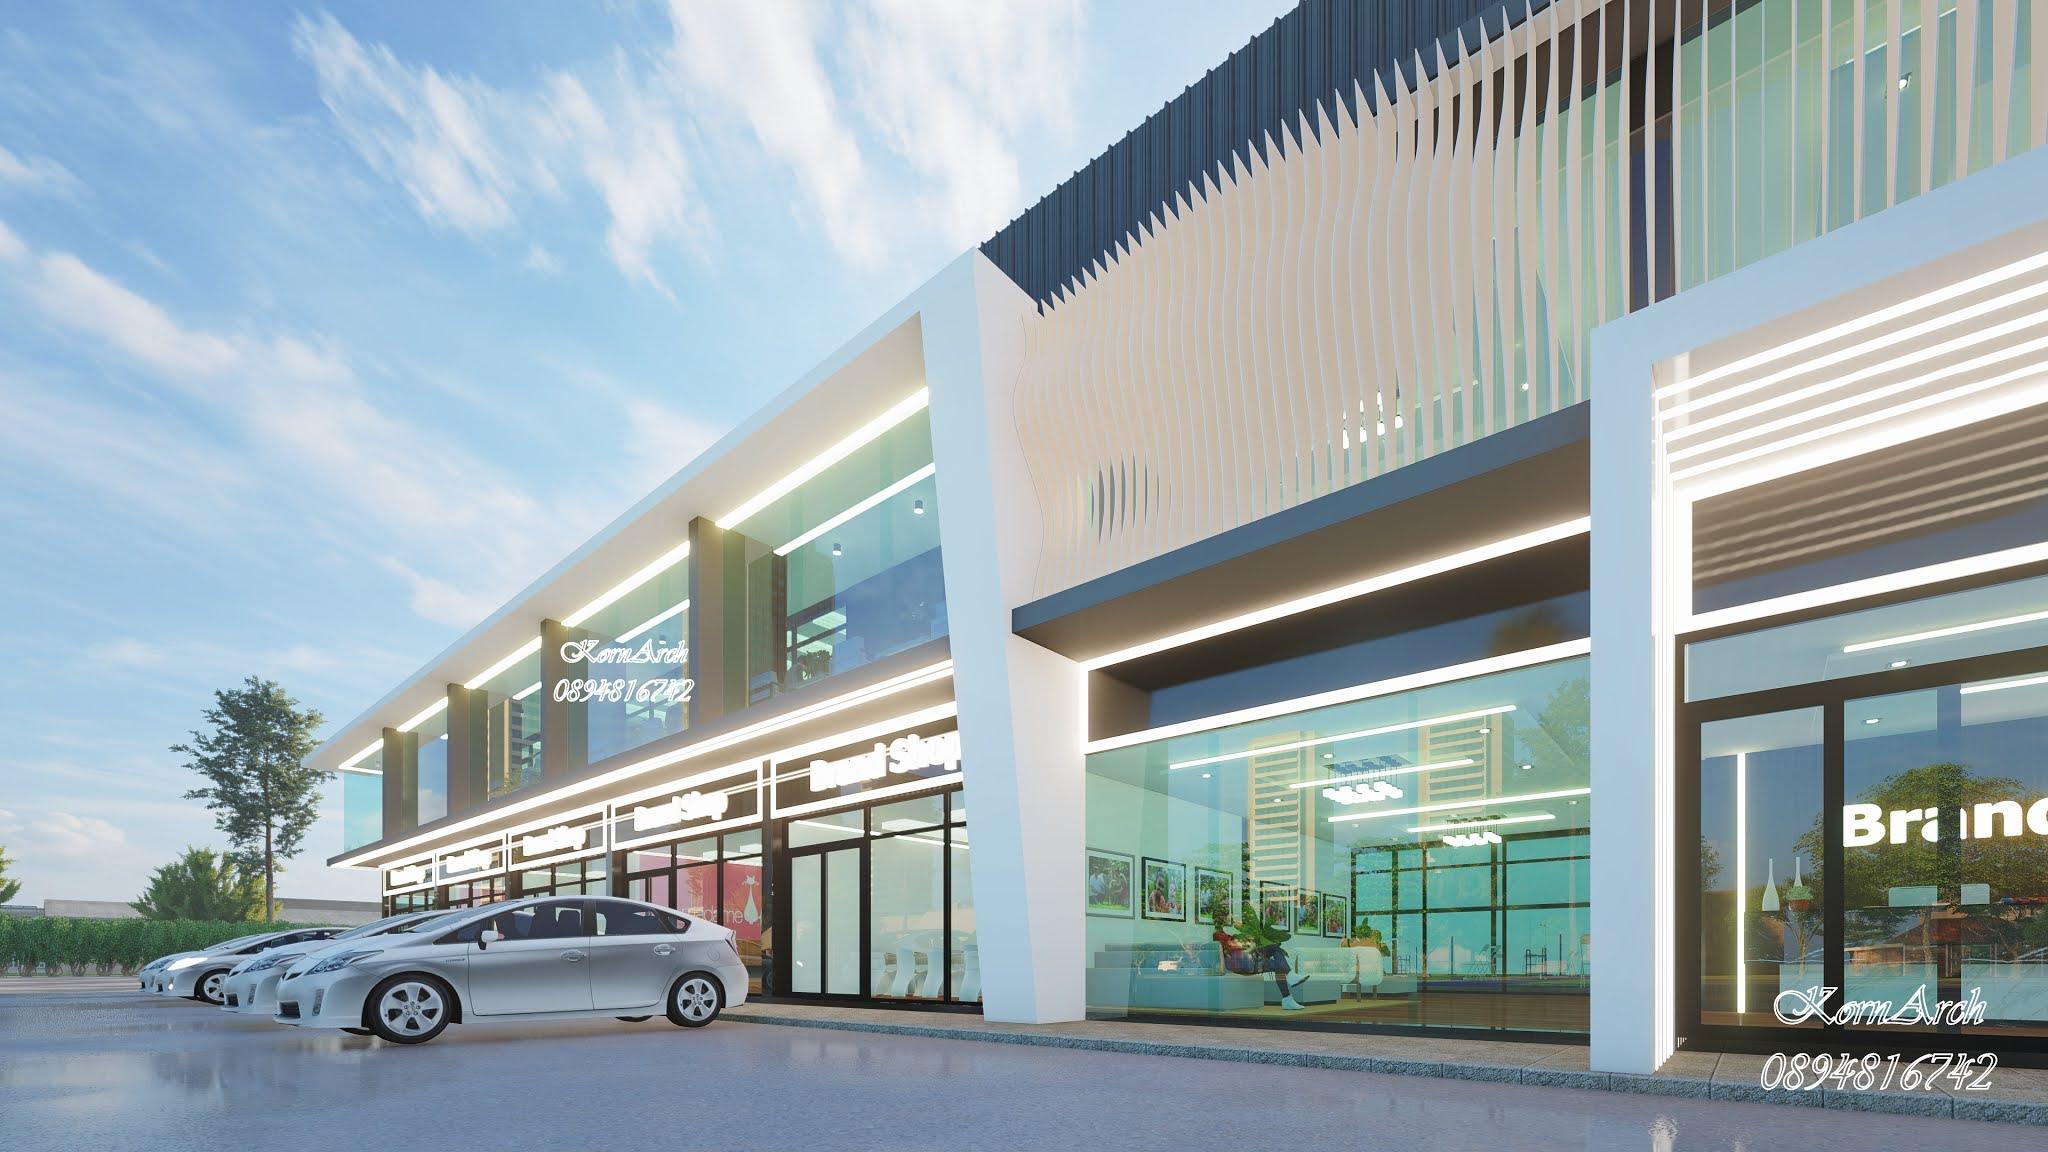 รับออกแบบSPORT CLUB Full fitness gym and Badminton  เจ้าของอาคารเรือนไทยคุ้มเจ้าสัว สถานที่ก่อสร้าง รามอินทรา ซอย 5 แขวงอนุสาวรีย์ เขตบางเขน กทม.